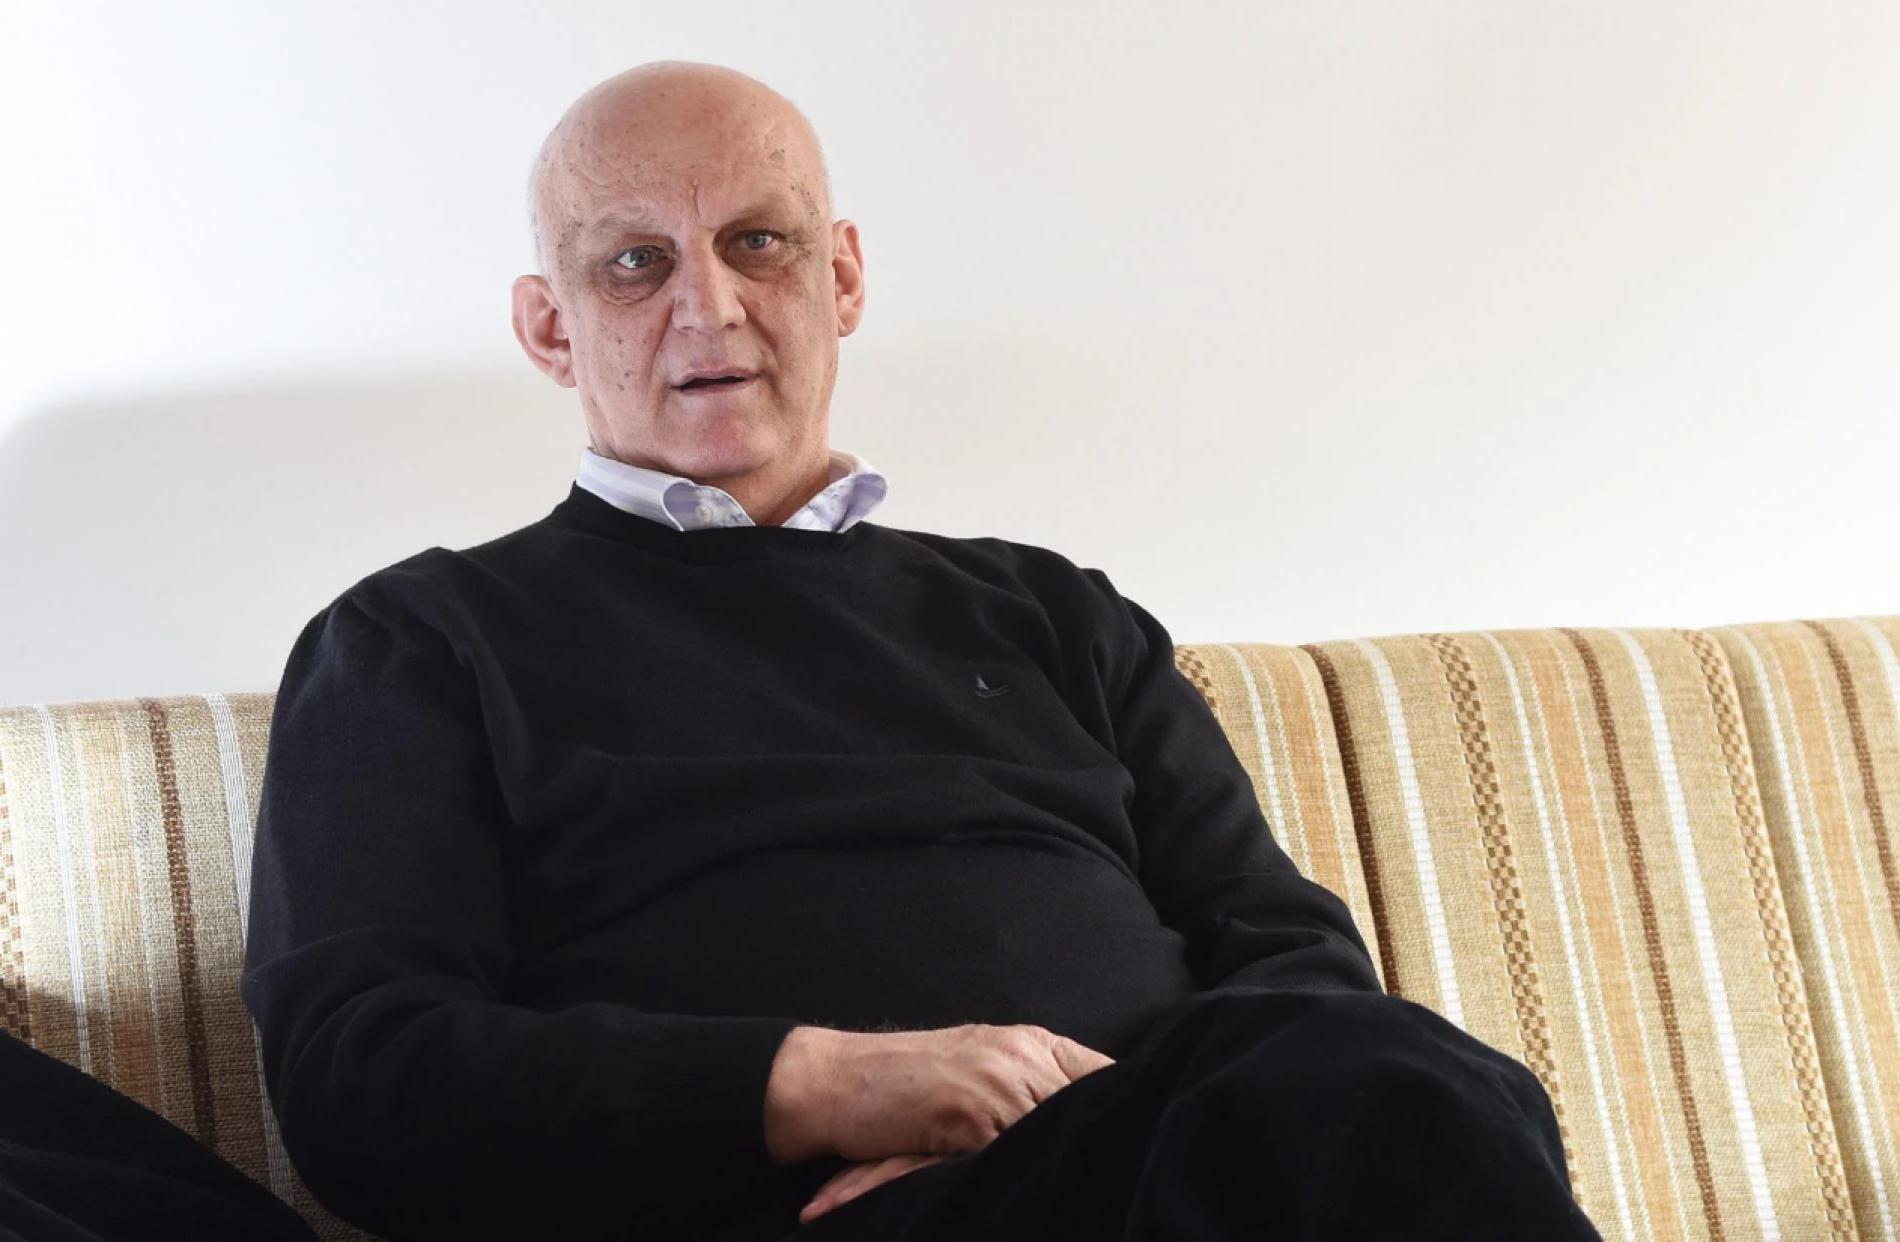 Hrvatski general o obuci hr. vojnika na bosanskoj teritoriji – 'Bila je to vojska druge države, pa smo ih vodili kao nogometne klubove'